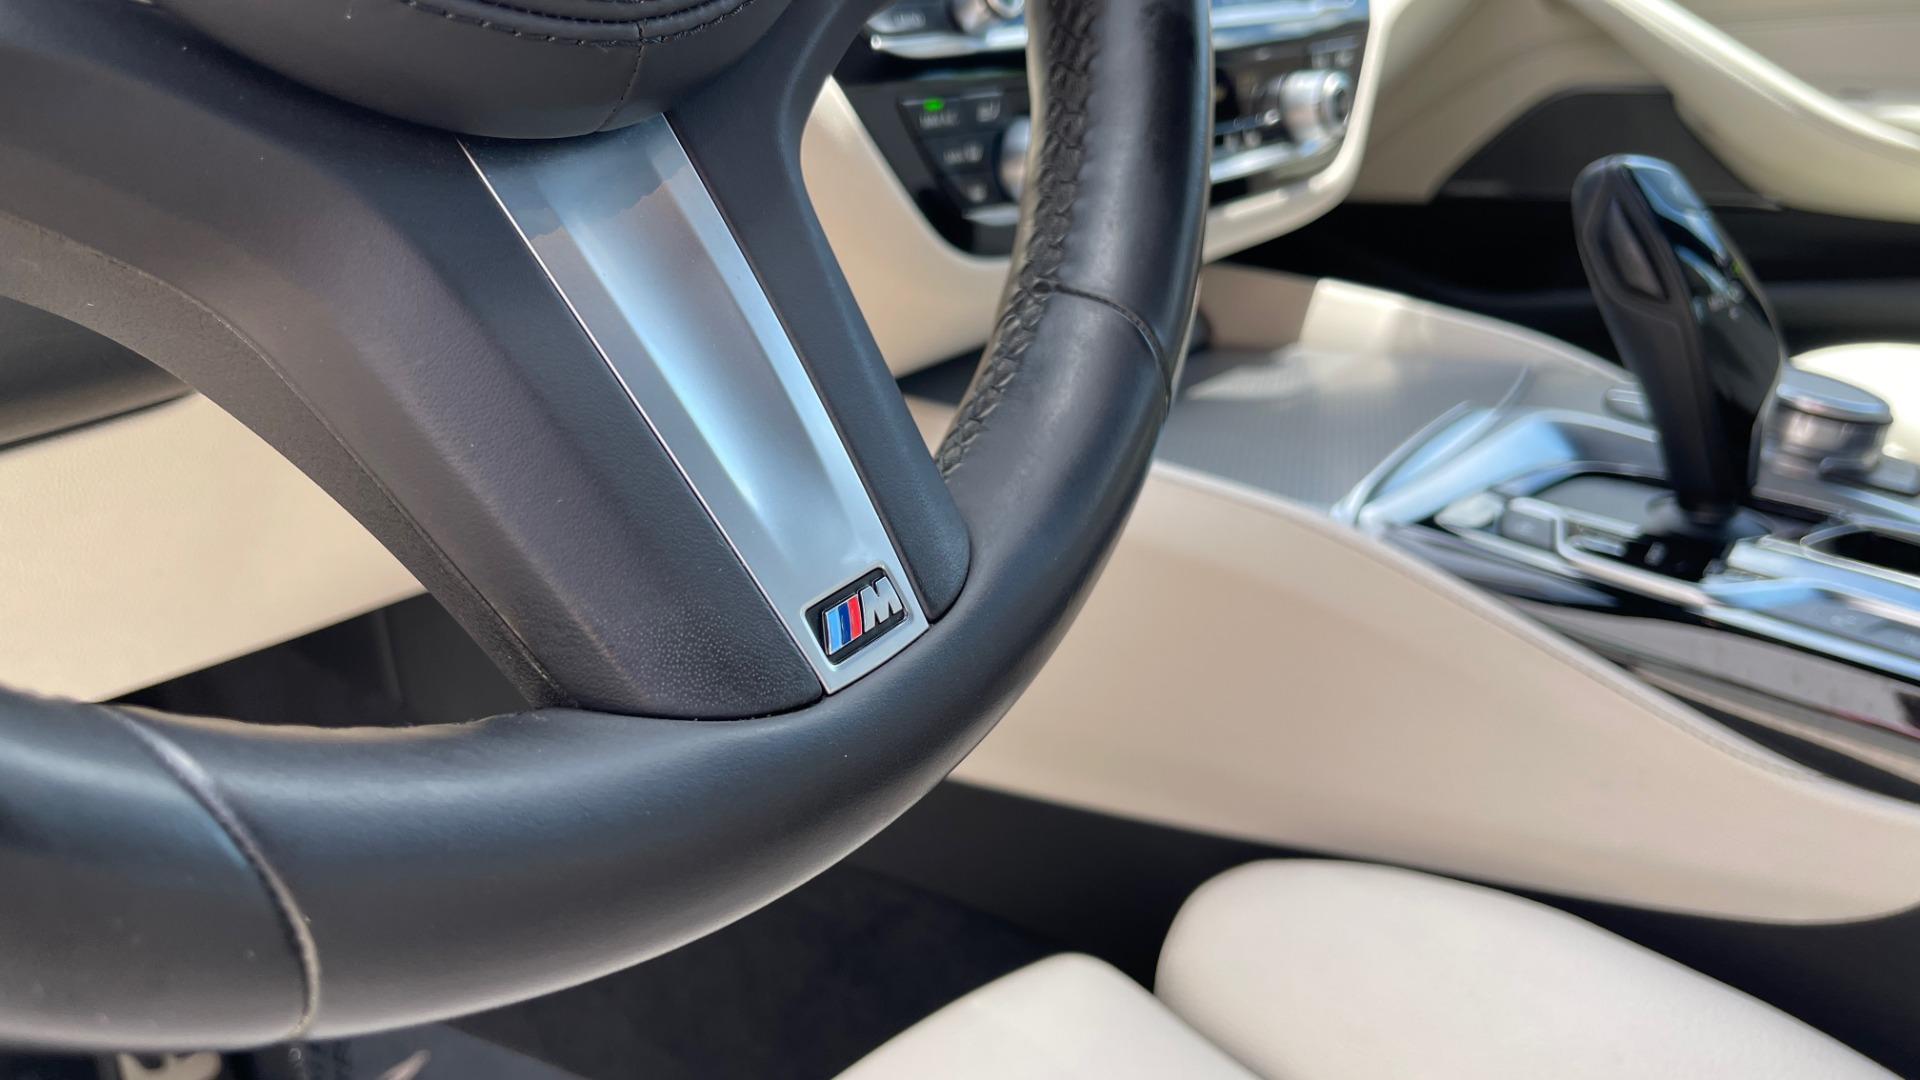 Used 2018 BMW 5 SERIES 540I M-SPORT / EXECUTIVE PKG / DRVR ASST PKG / BLIND SPOT / LANE DEPART for sale $40,995 at Formula Imports in Charlotte NC 28227 45